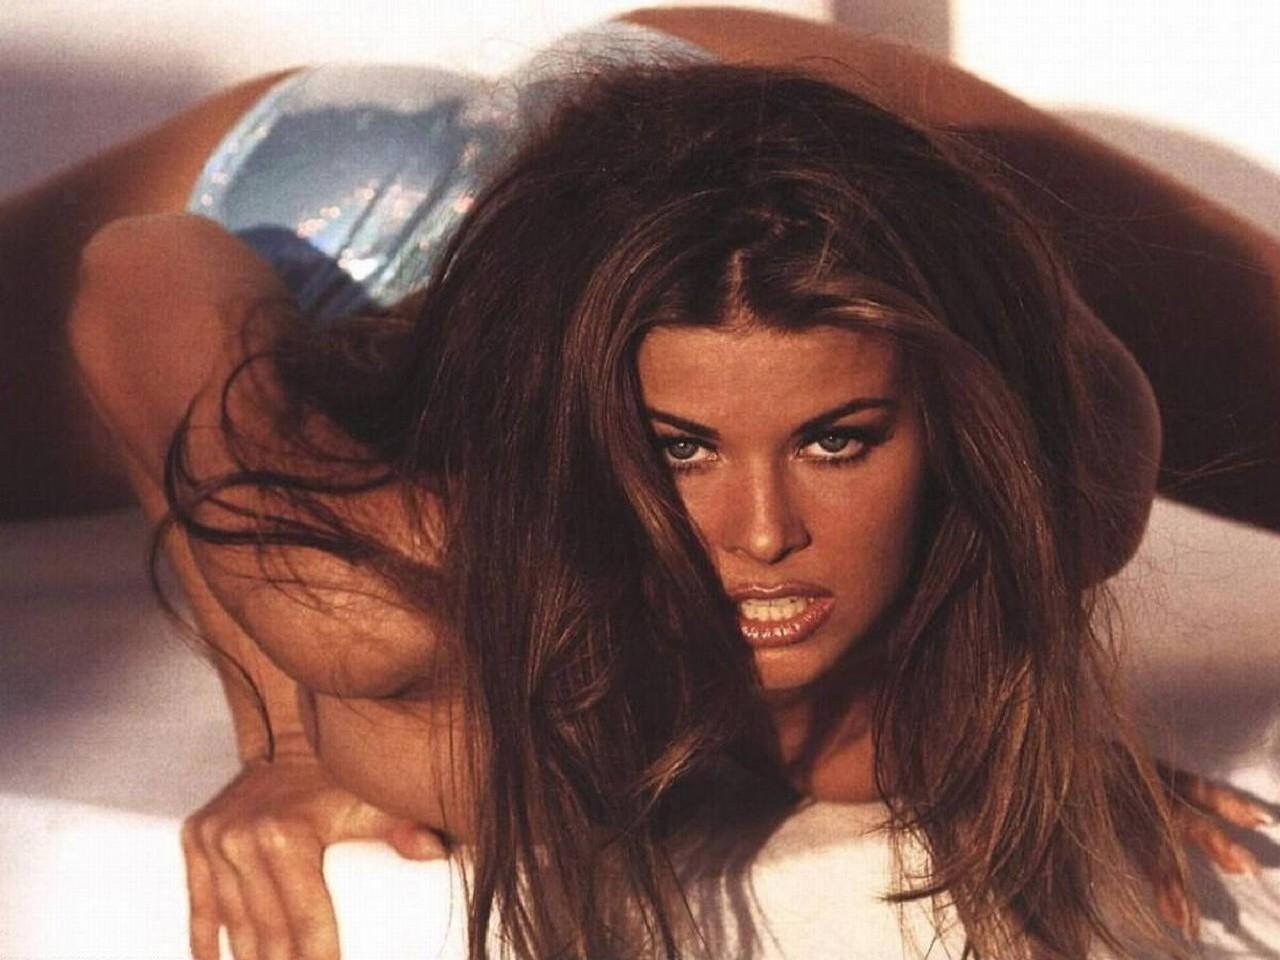 Wallpaper di un'aggressiva Carmen Electra